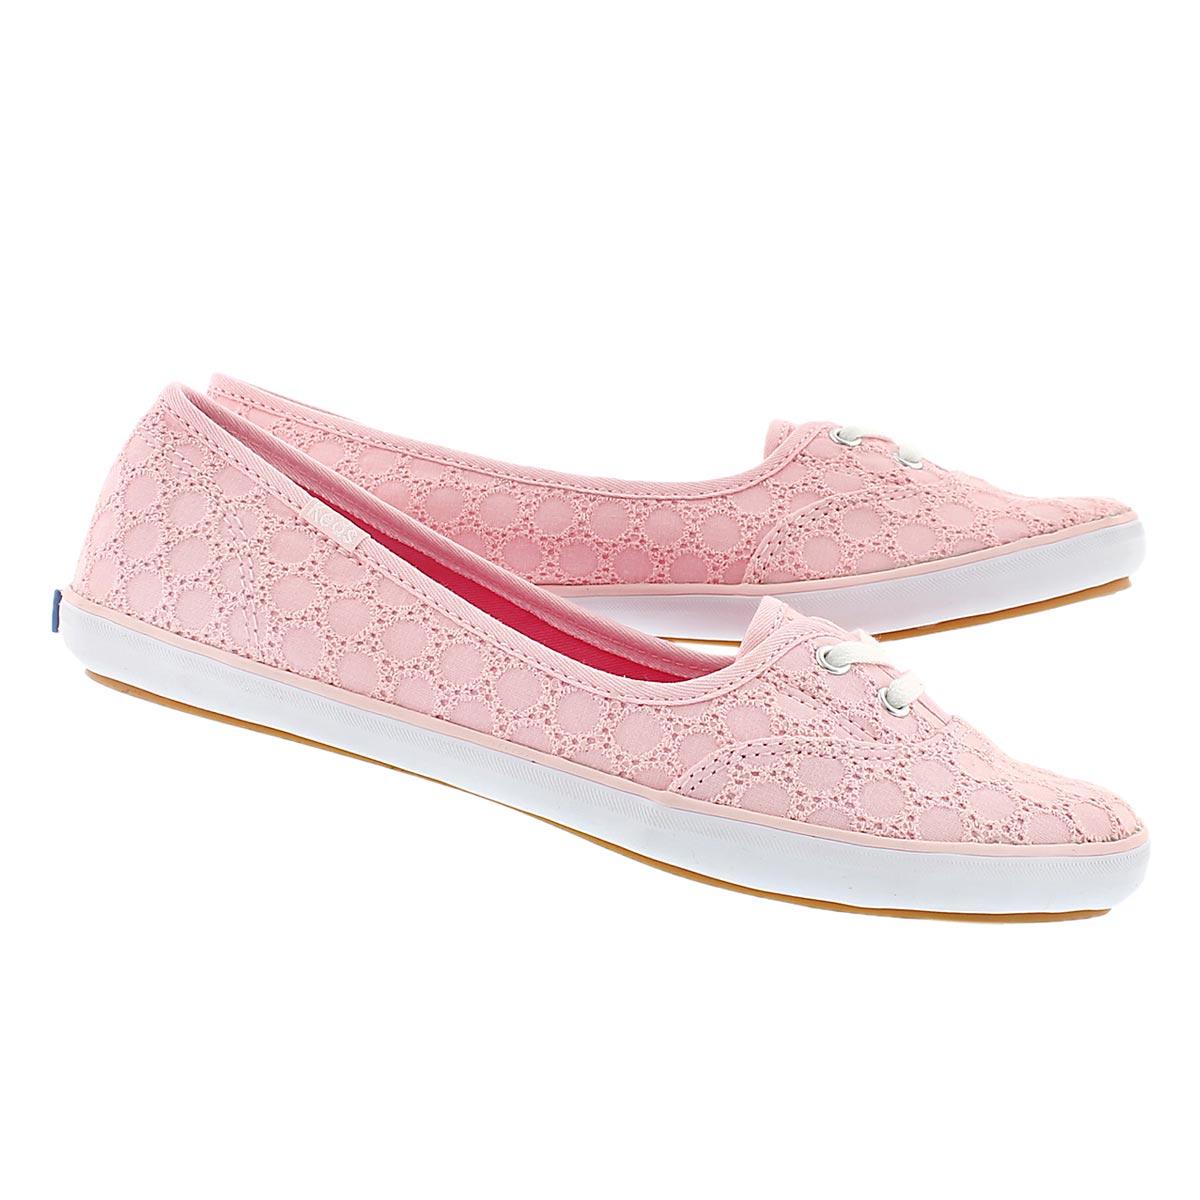 Lds Teacup Eyelet light pink slip on